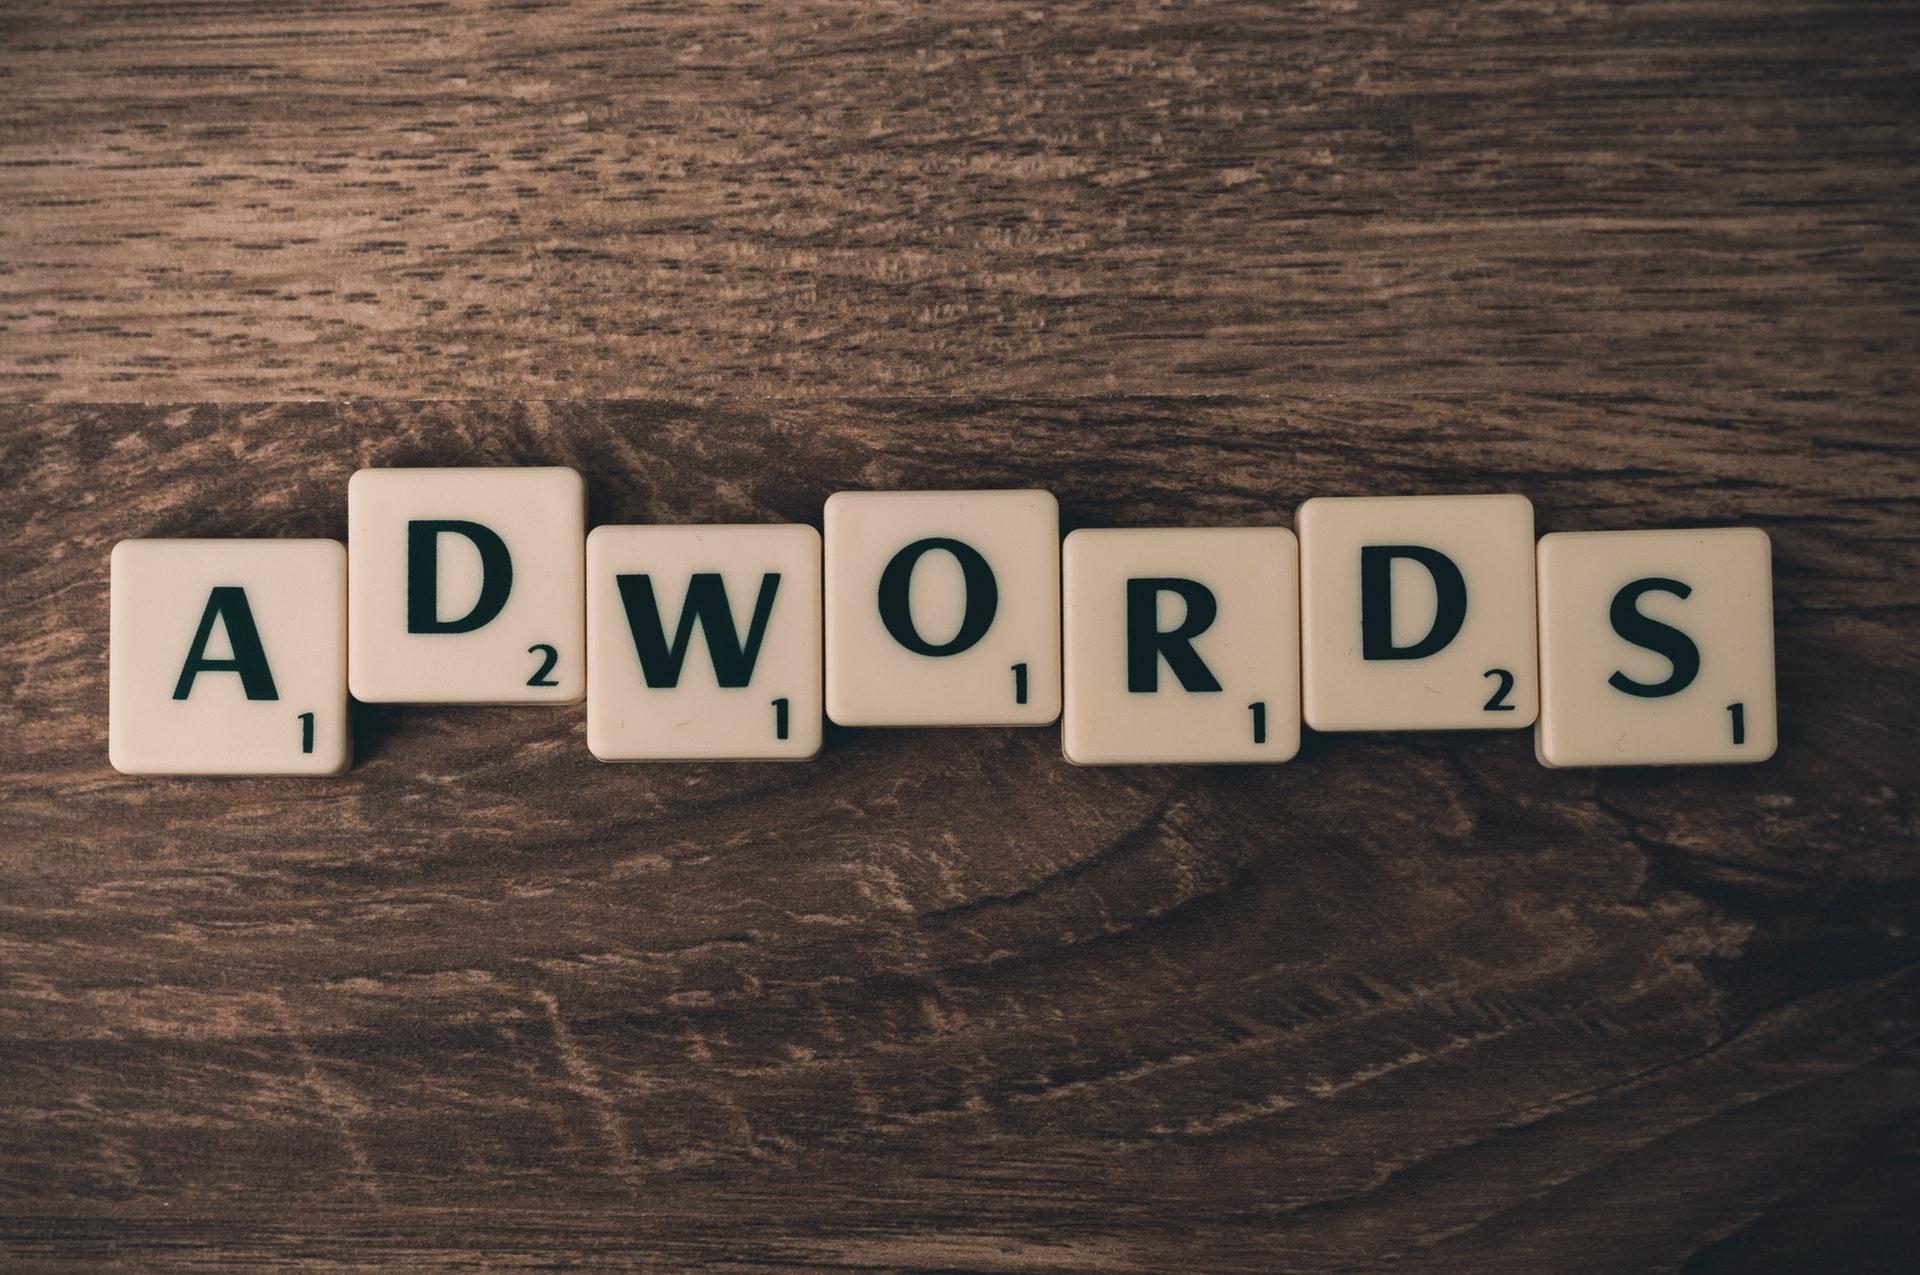 adwords-alphabet-anzeigen-267401